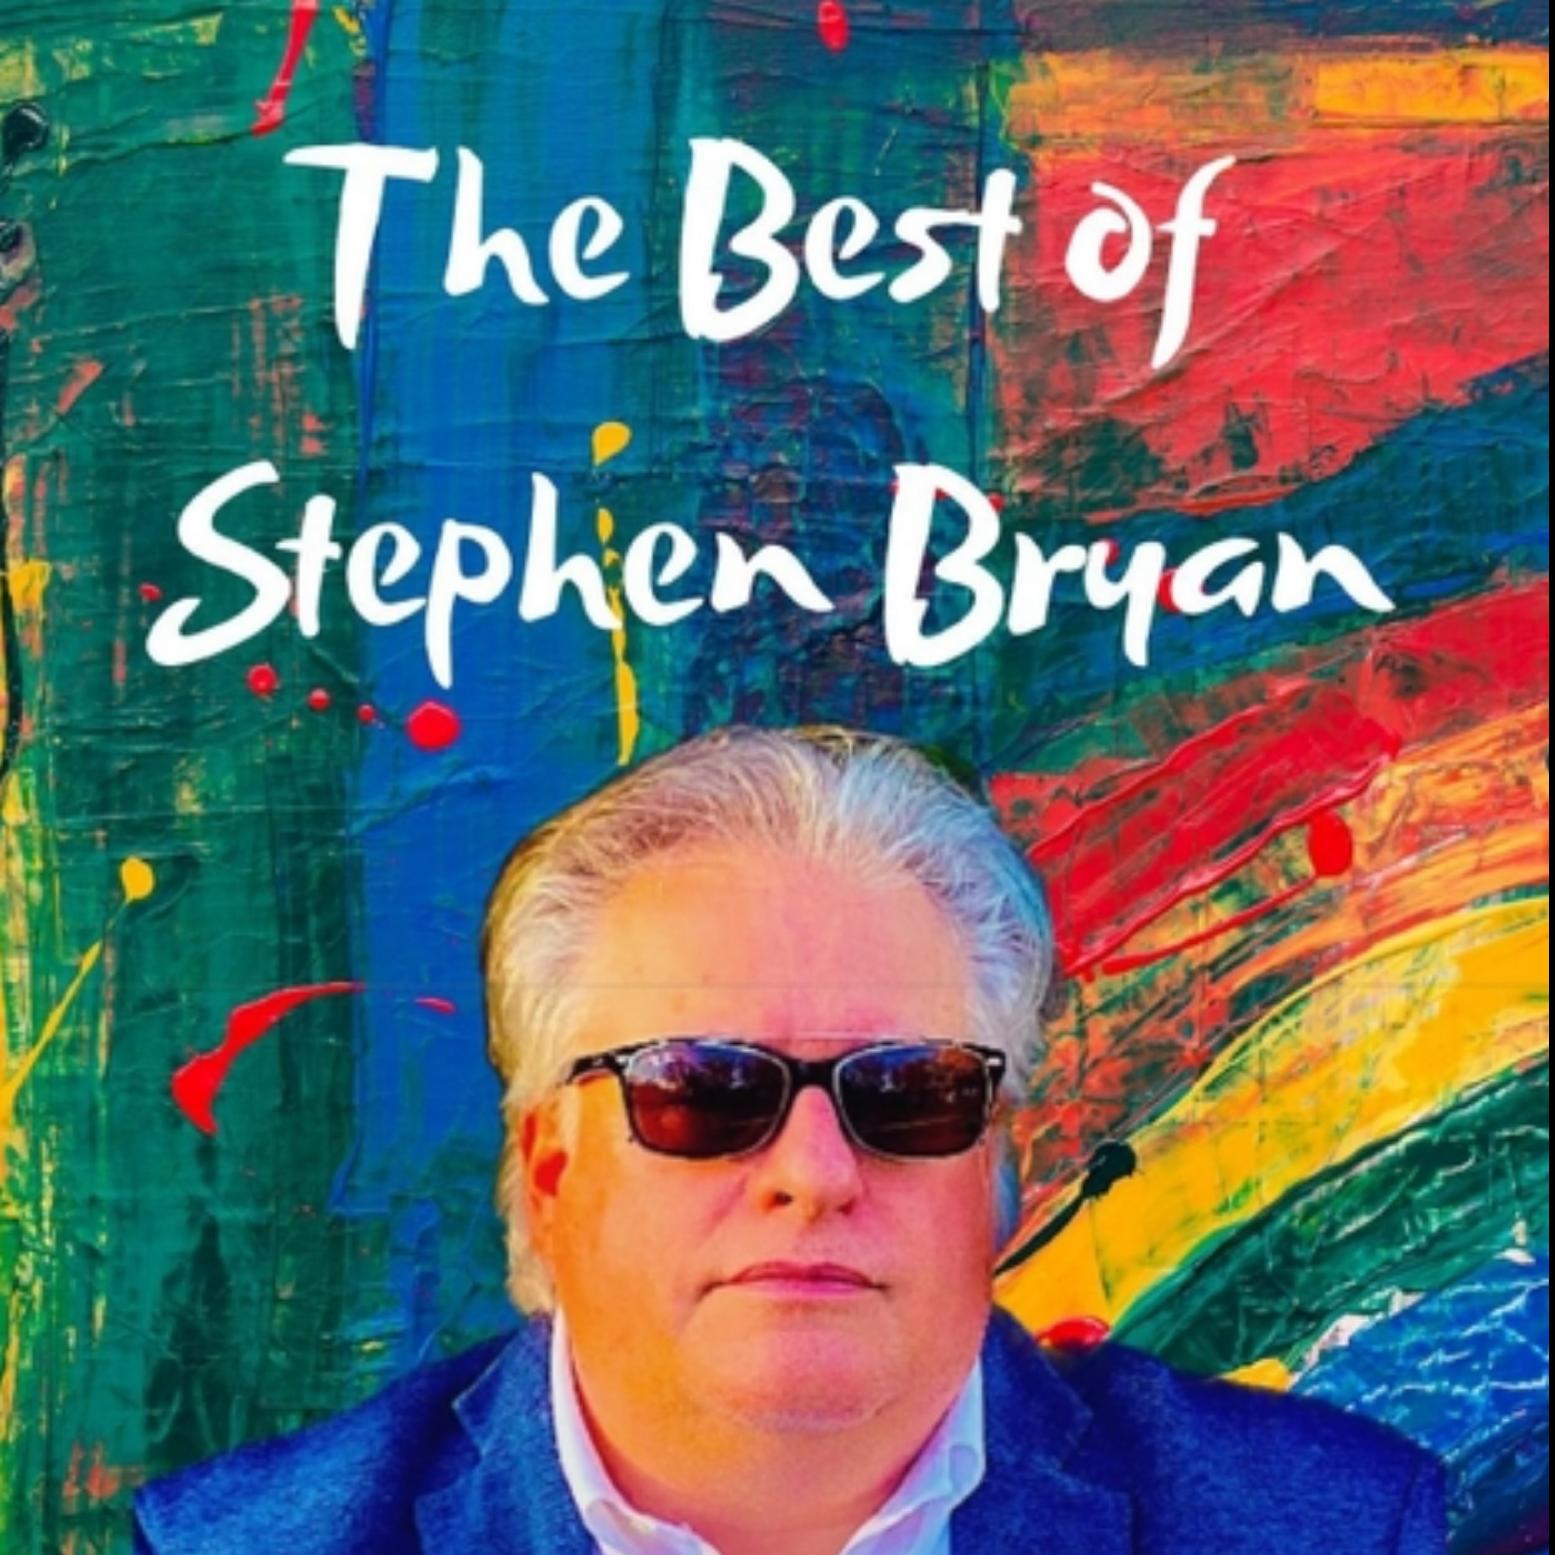 Stephen Bryan songs experience